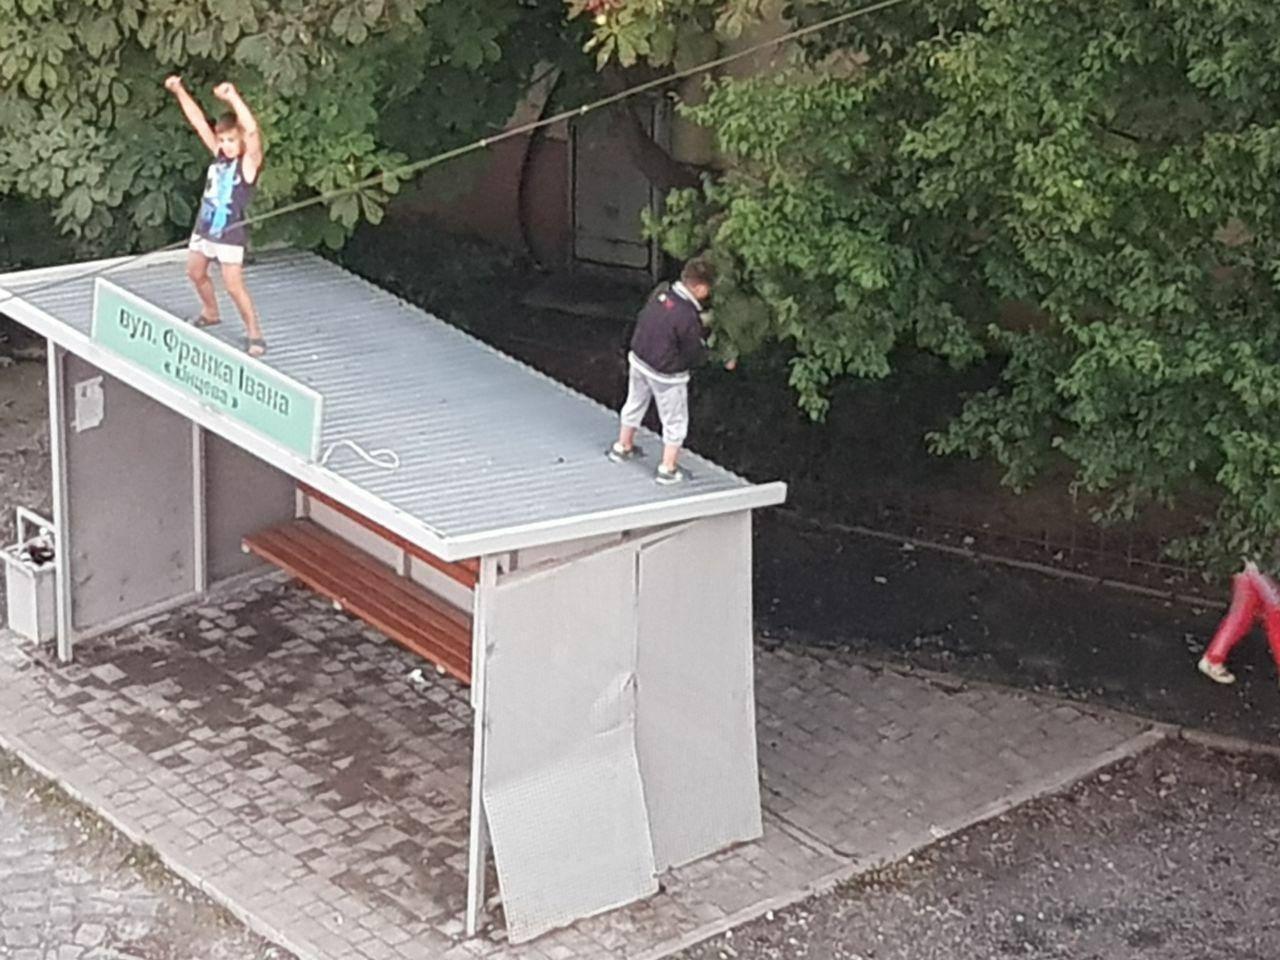 У Мукачеві інспектори знайшли дітей, які поводили себе непристойно, та провели з ними бесіду